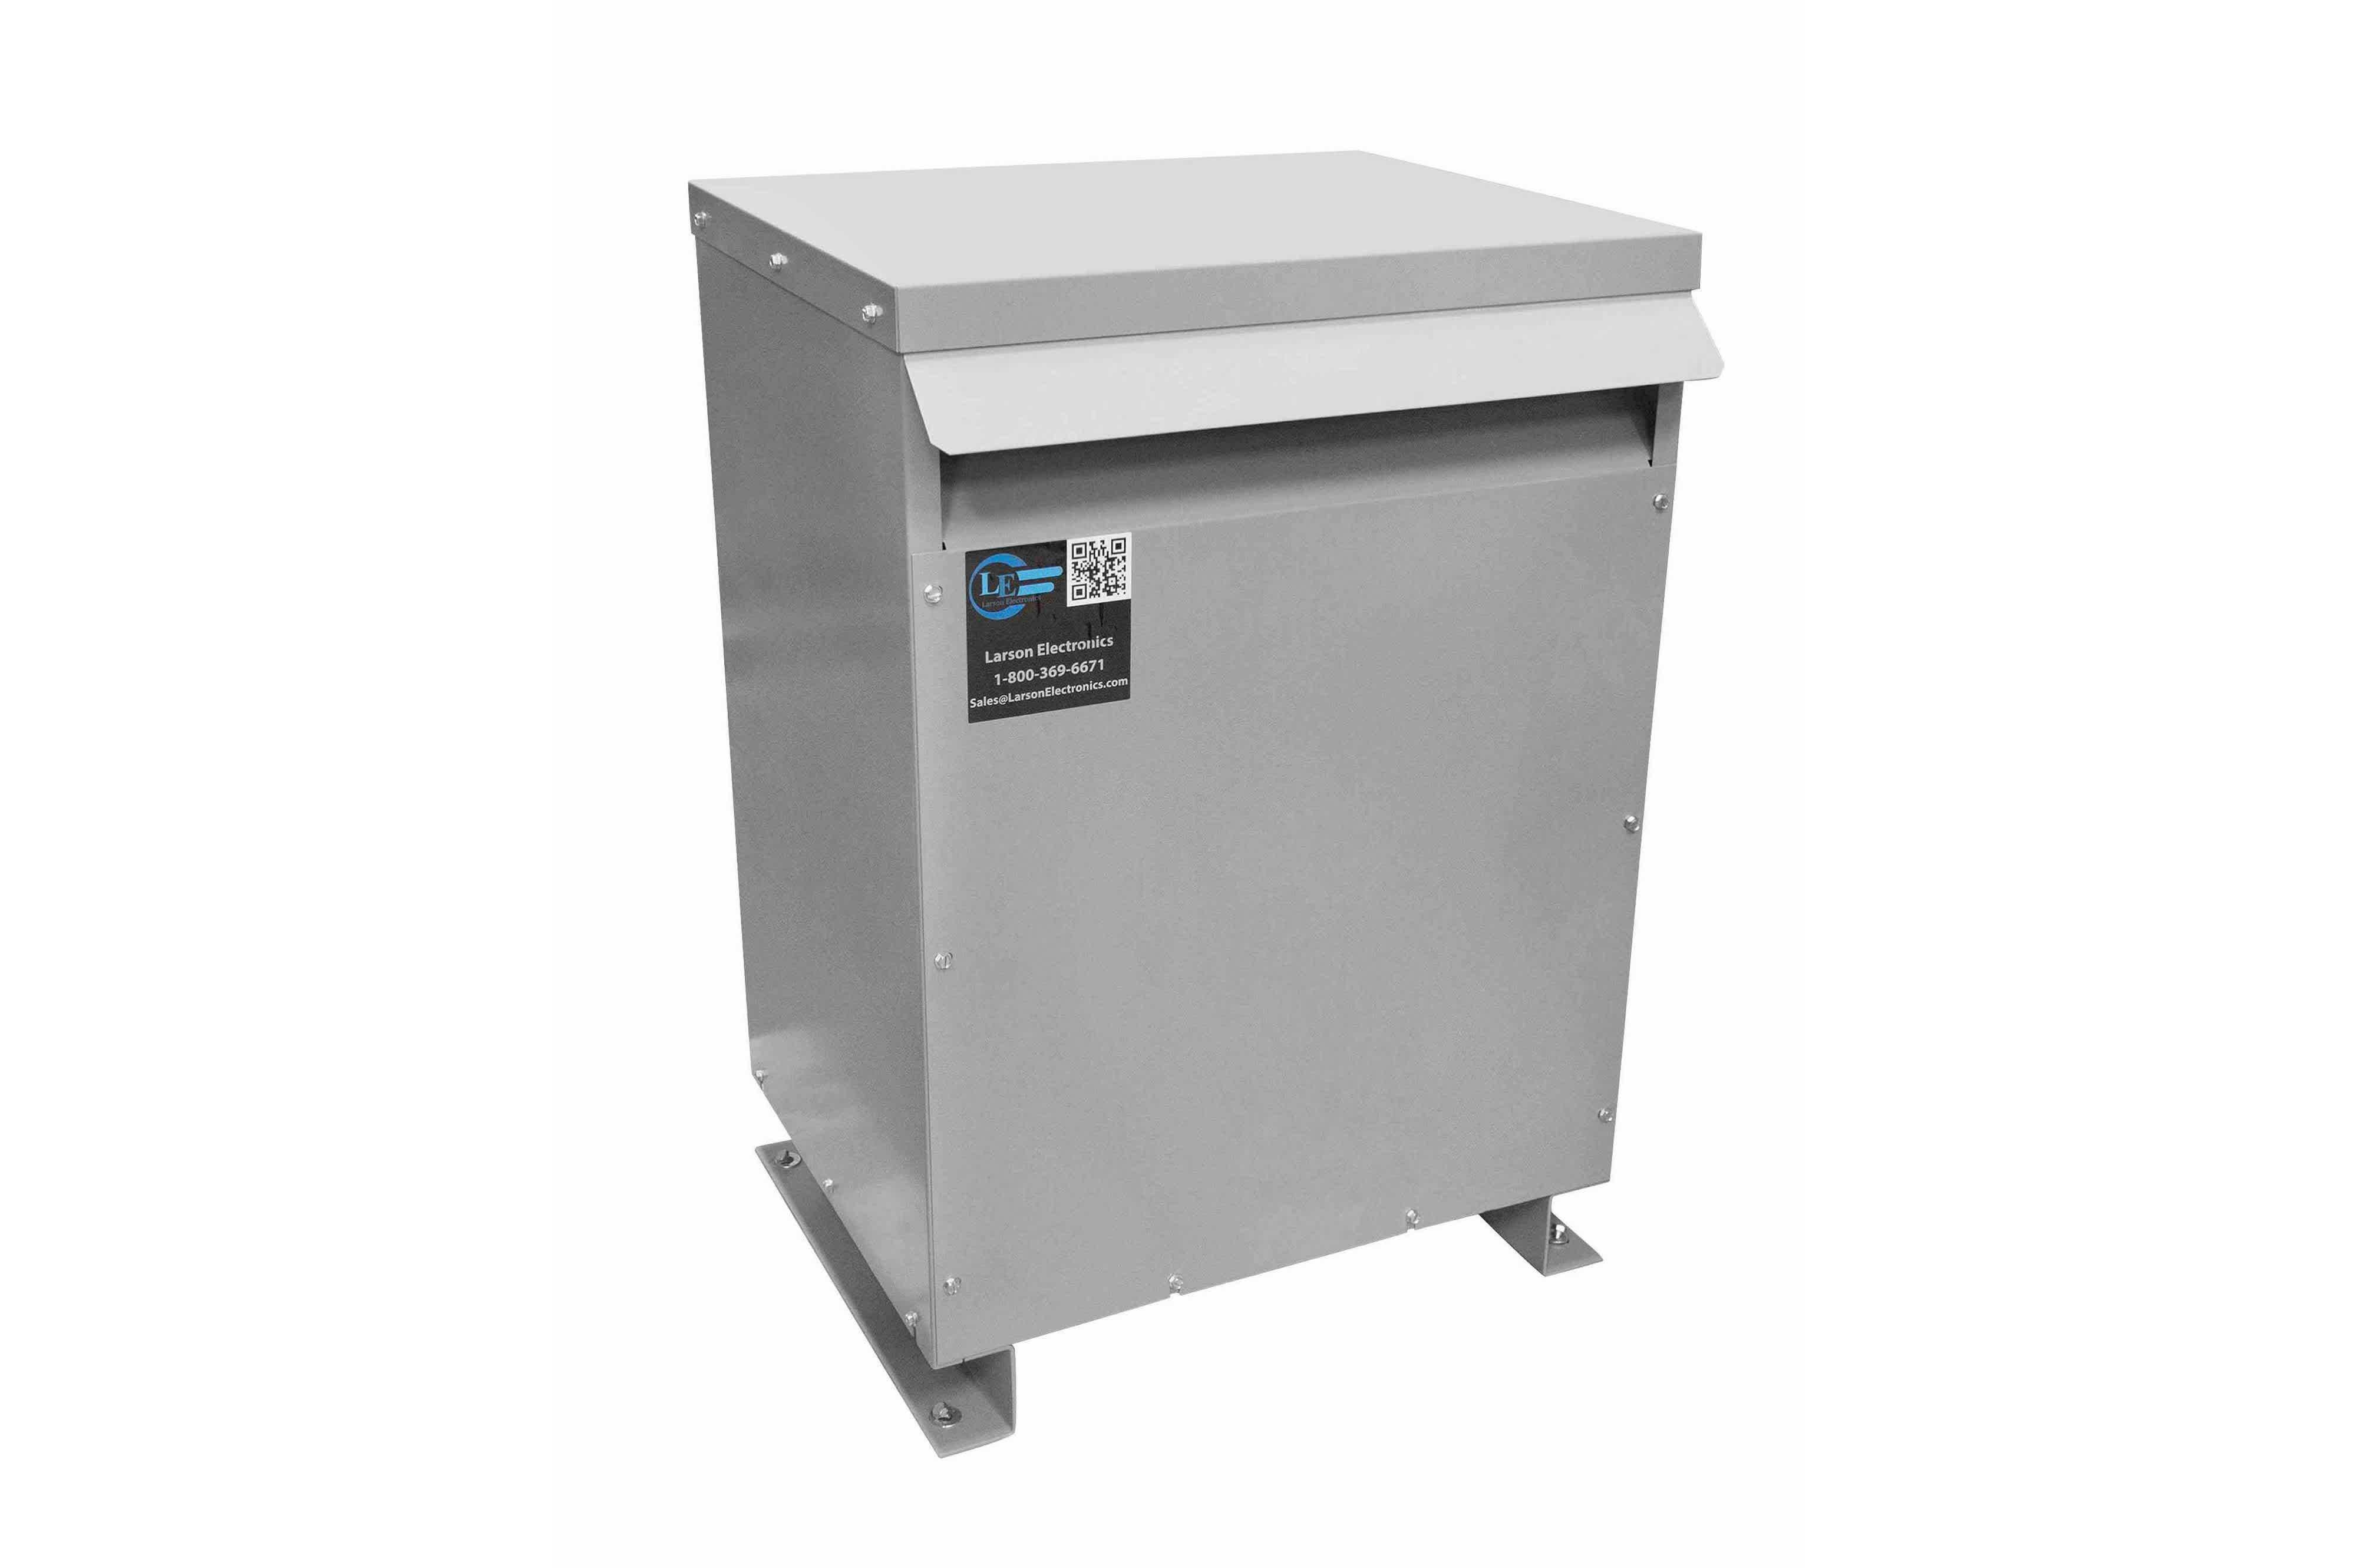 42.5 kVA 3PH Isolation Transformer, 415V Delta Primary, 480V Delta Secondary, N3R, Ventilated, 60 Hz